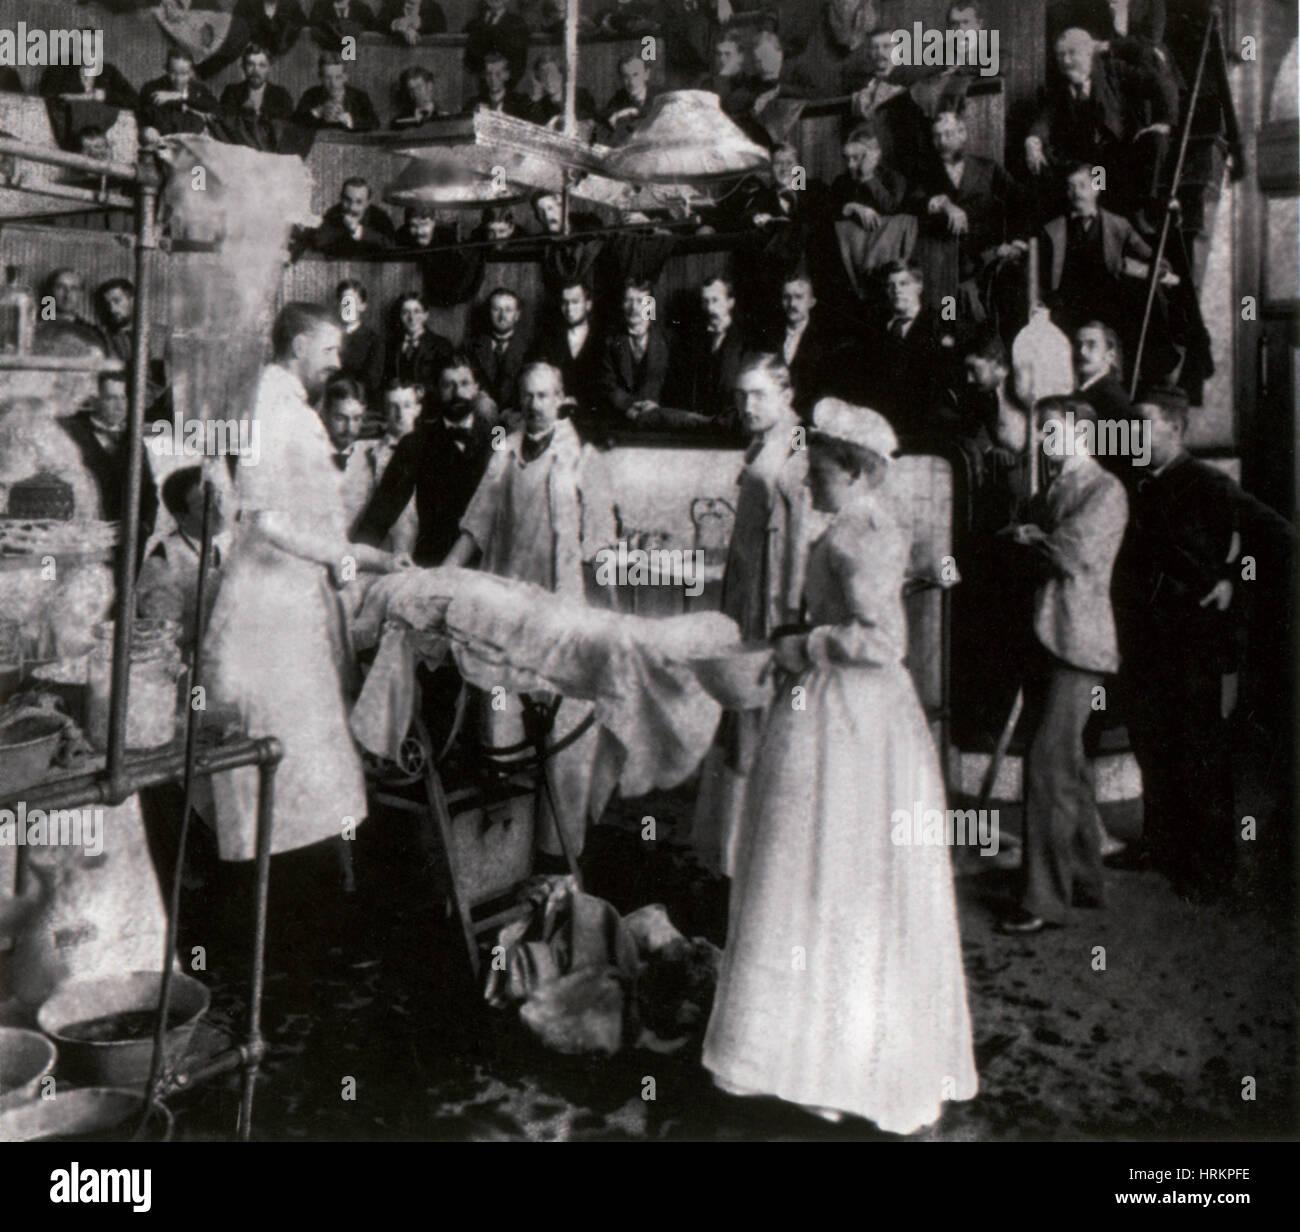 Bellevue Salle d'opération, fin du 19e siècle Photo Stock